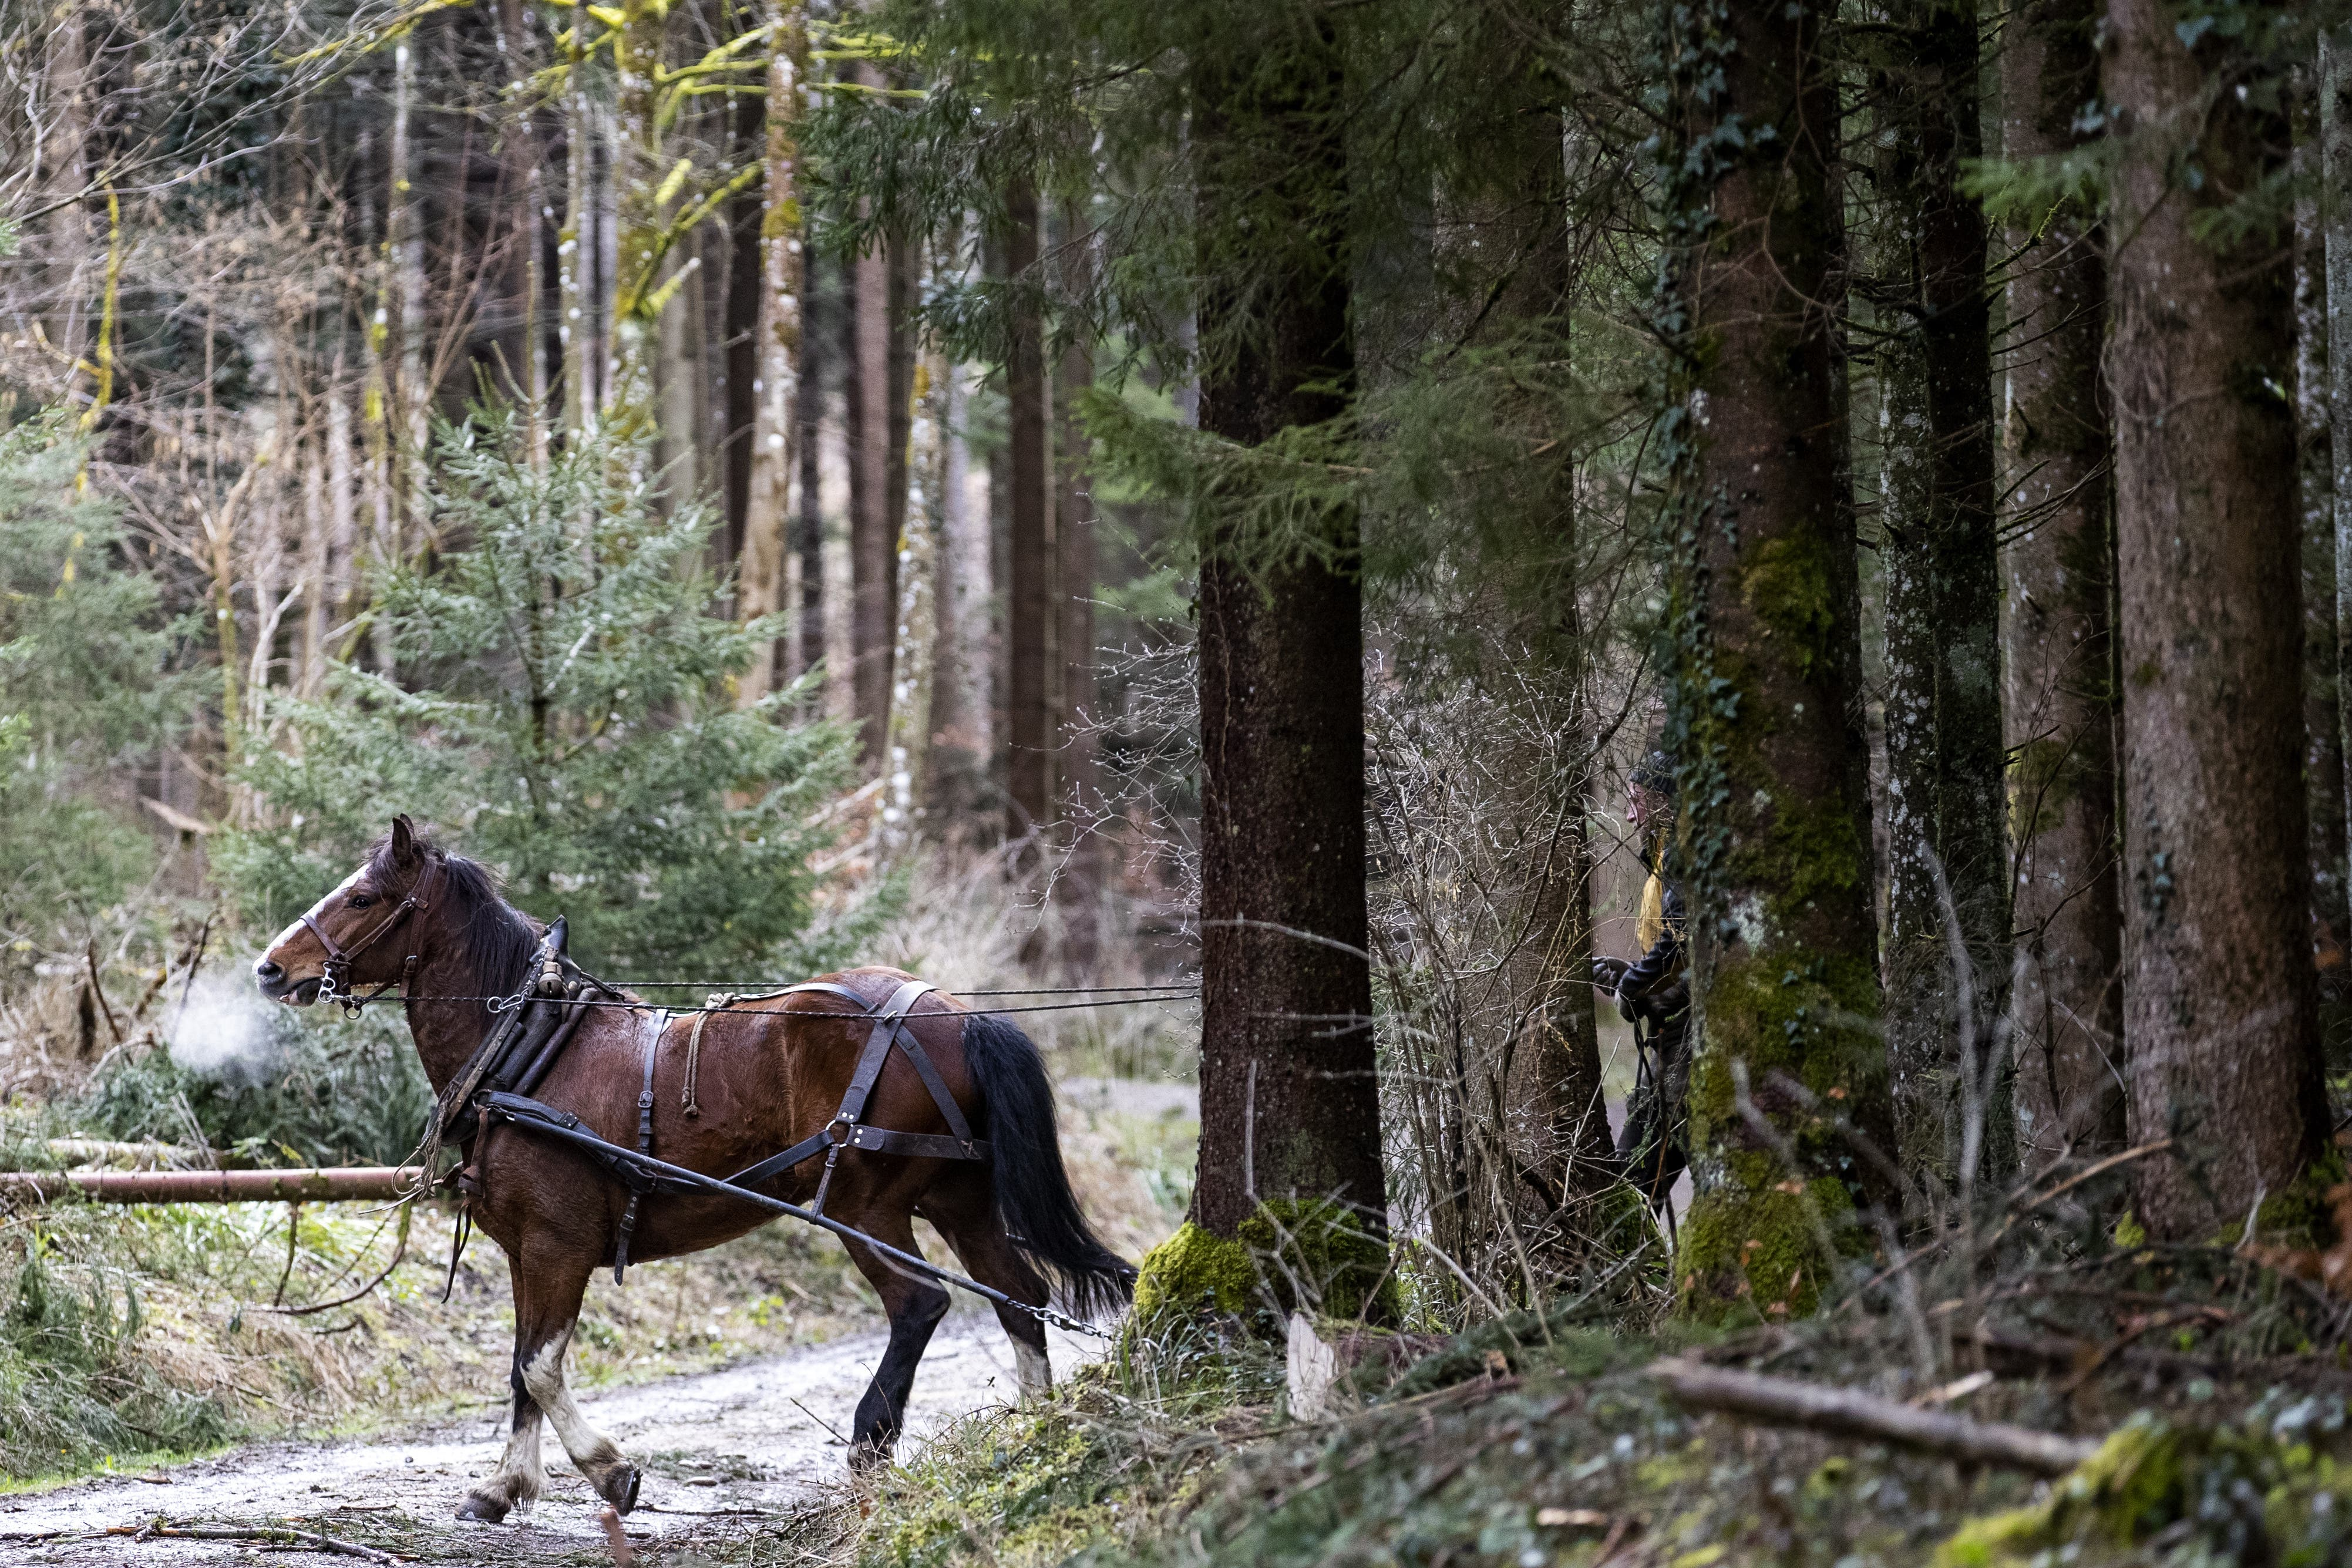 Seit Mitte Februar arbeitet ein Pferdeführer mit seinem für das Holzrücken ausgebildeten Tier im Winterthurer Wald. Seit Montag sind zusätzlich vier Rückepferde aus dem Unterengadin mit ihren Führern im Einsatz.